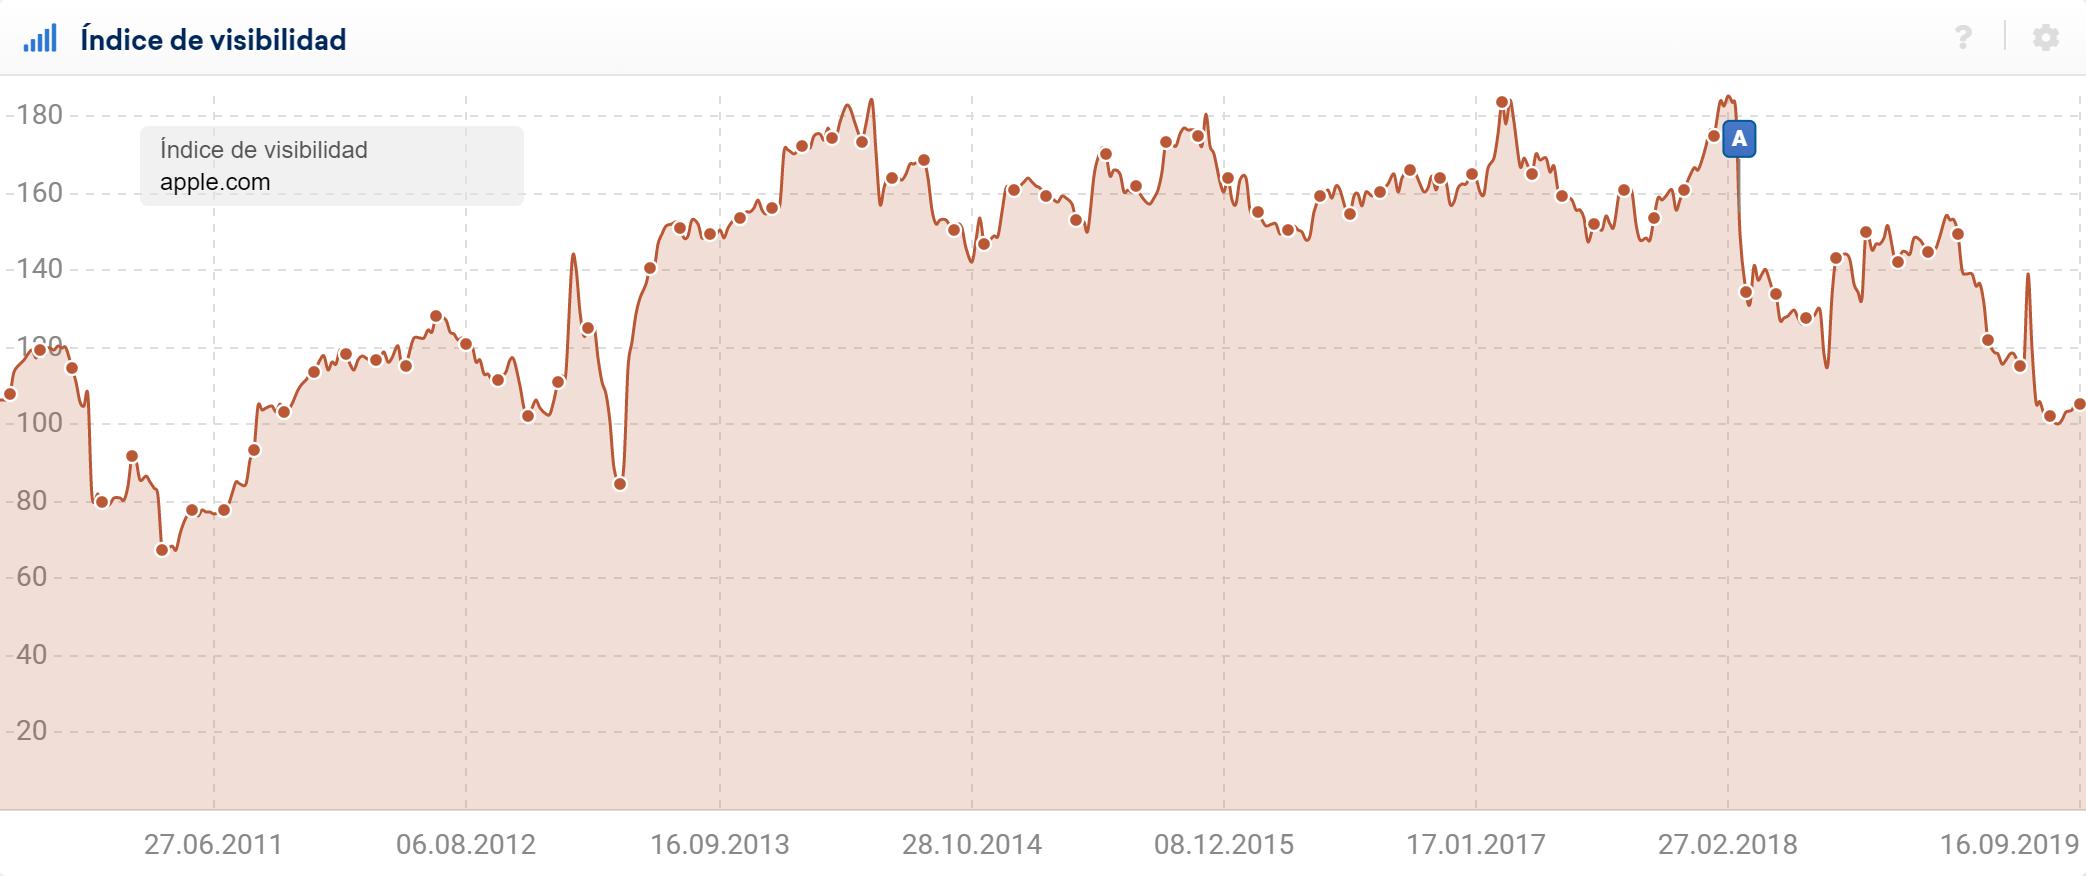 Gráfica que muestra el desarrollo del índice de visibilidad para el dominio apple.com en los resultados de búsqueda de Google.es